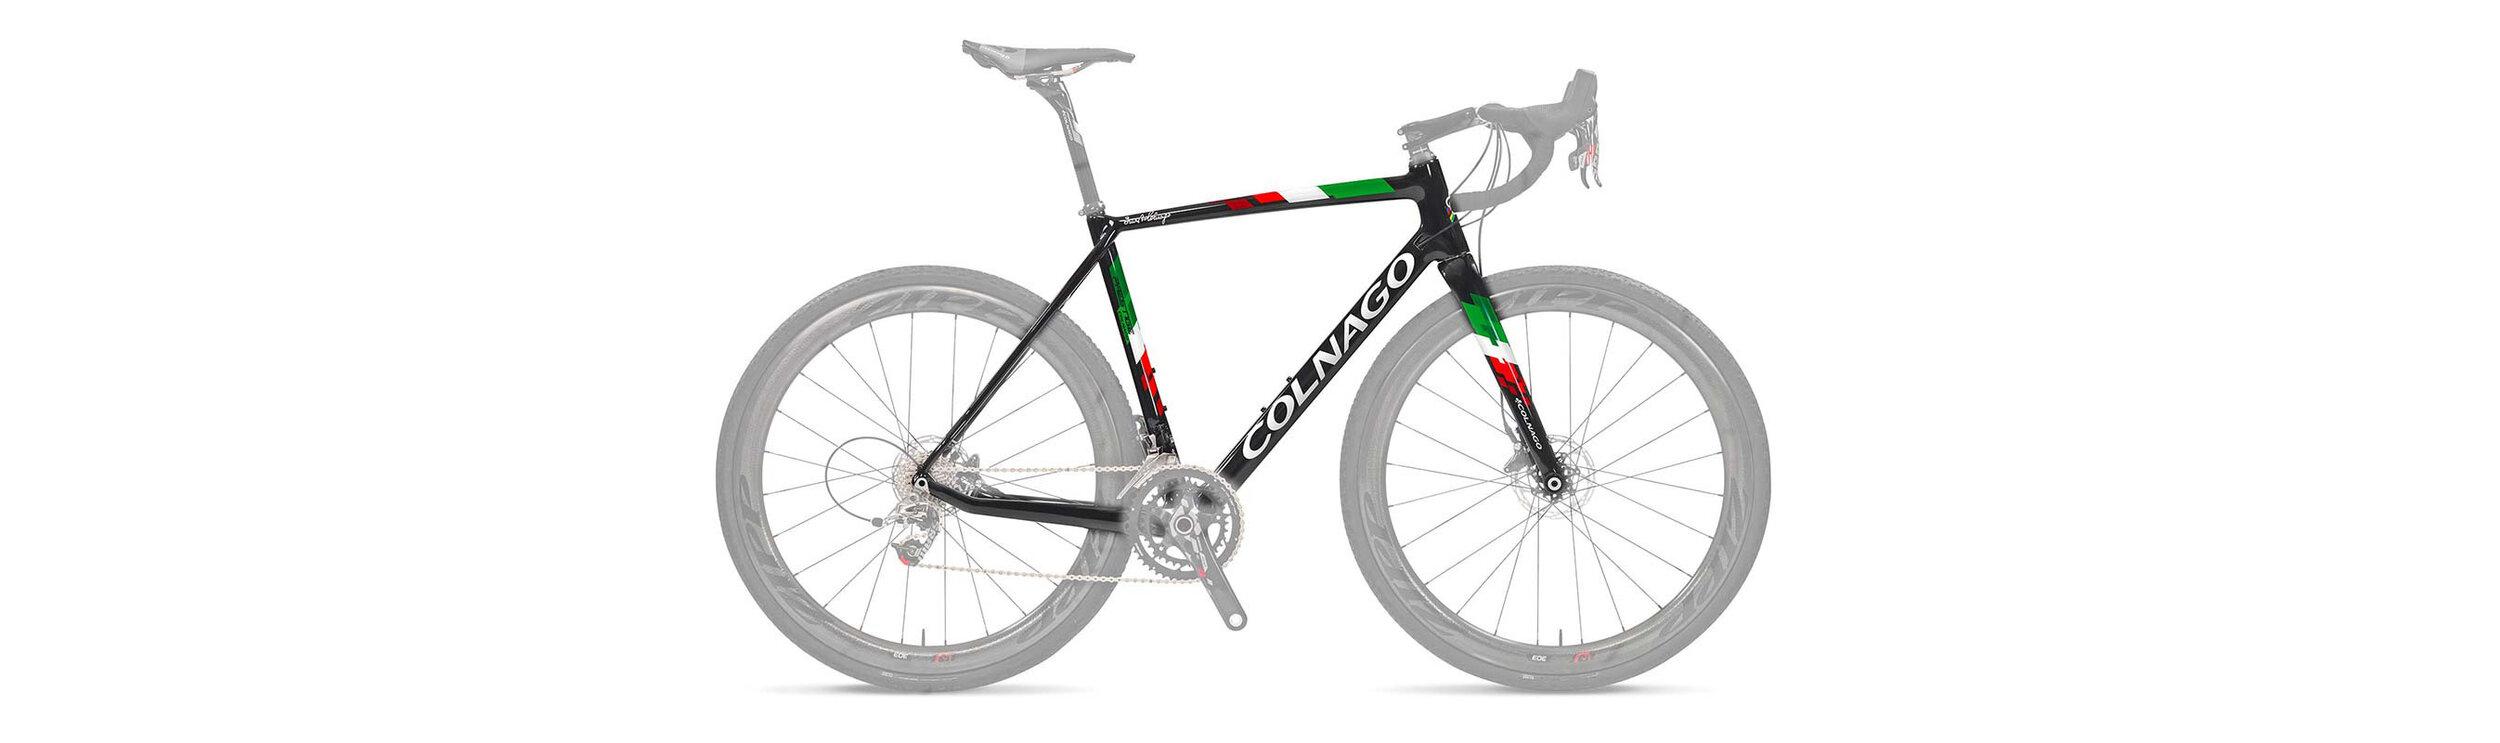 Colnago-Prestige-Frameset2.jpg